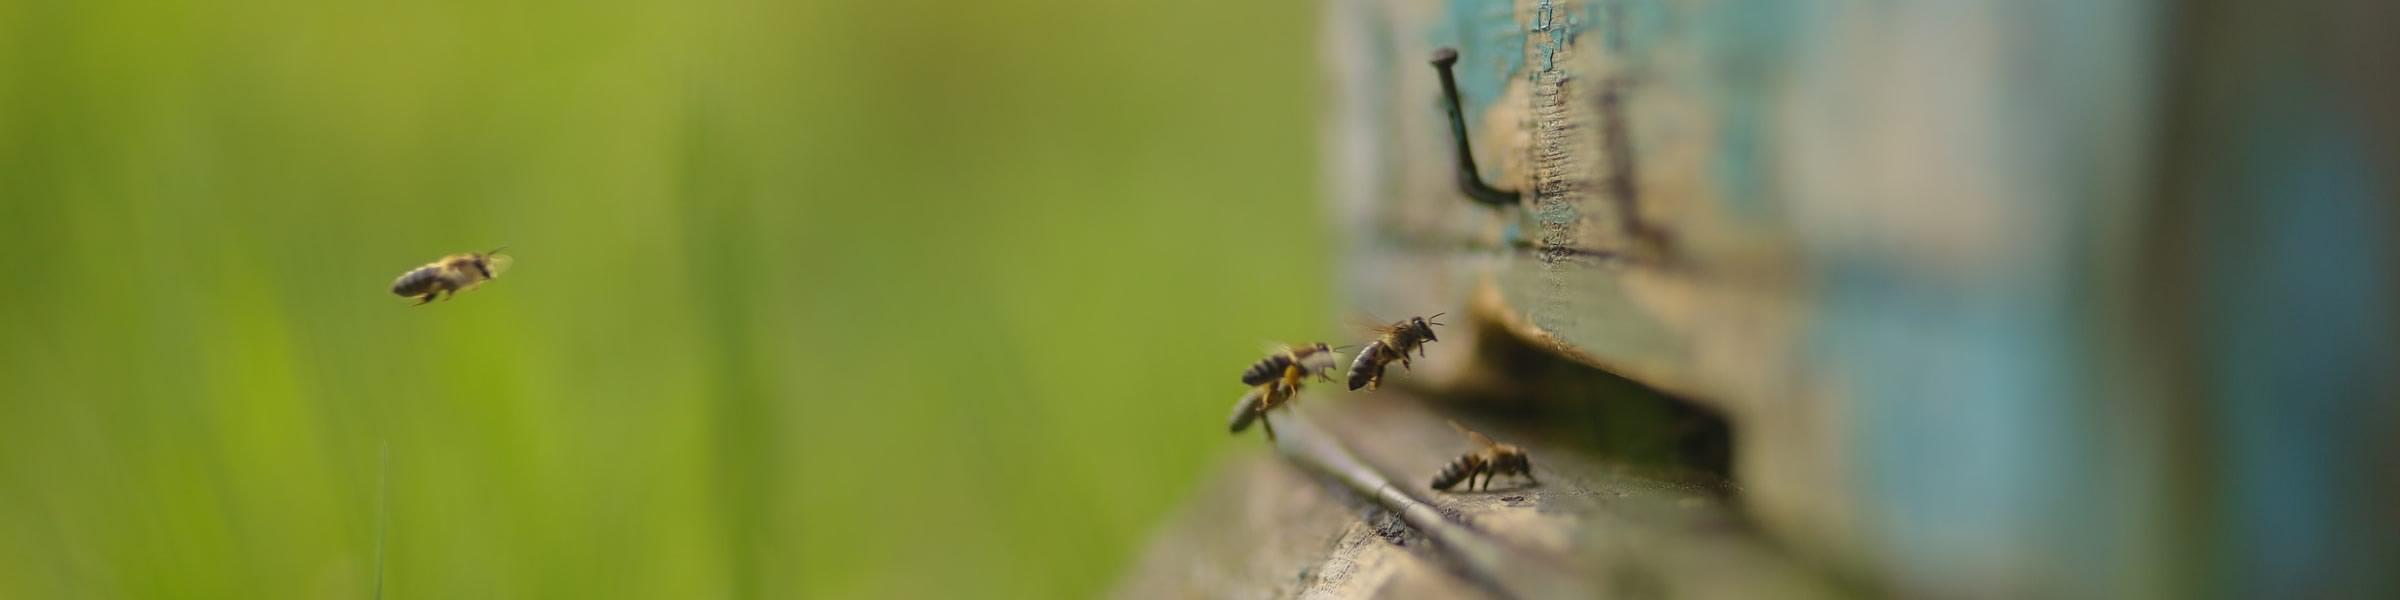 Bienen Anflug